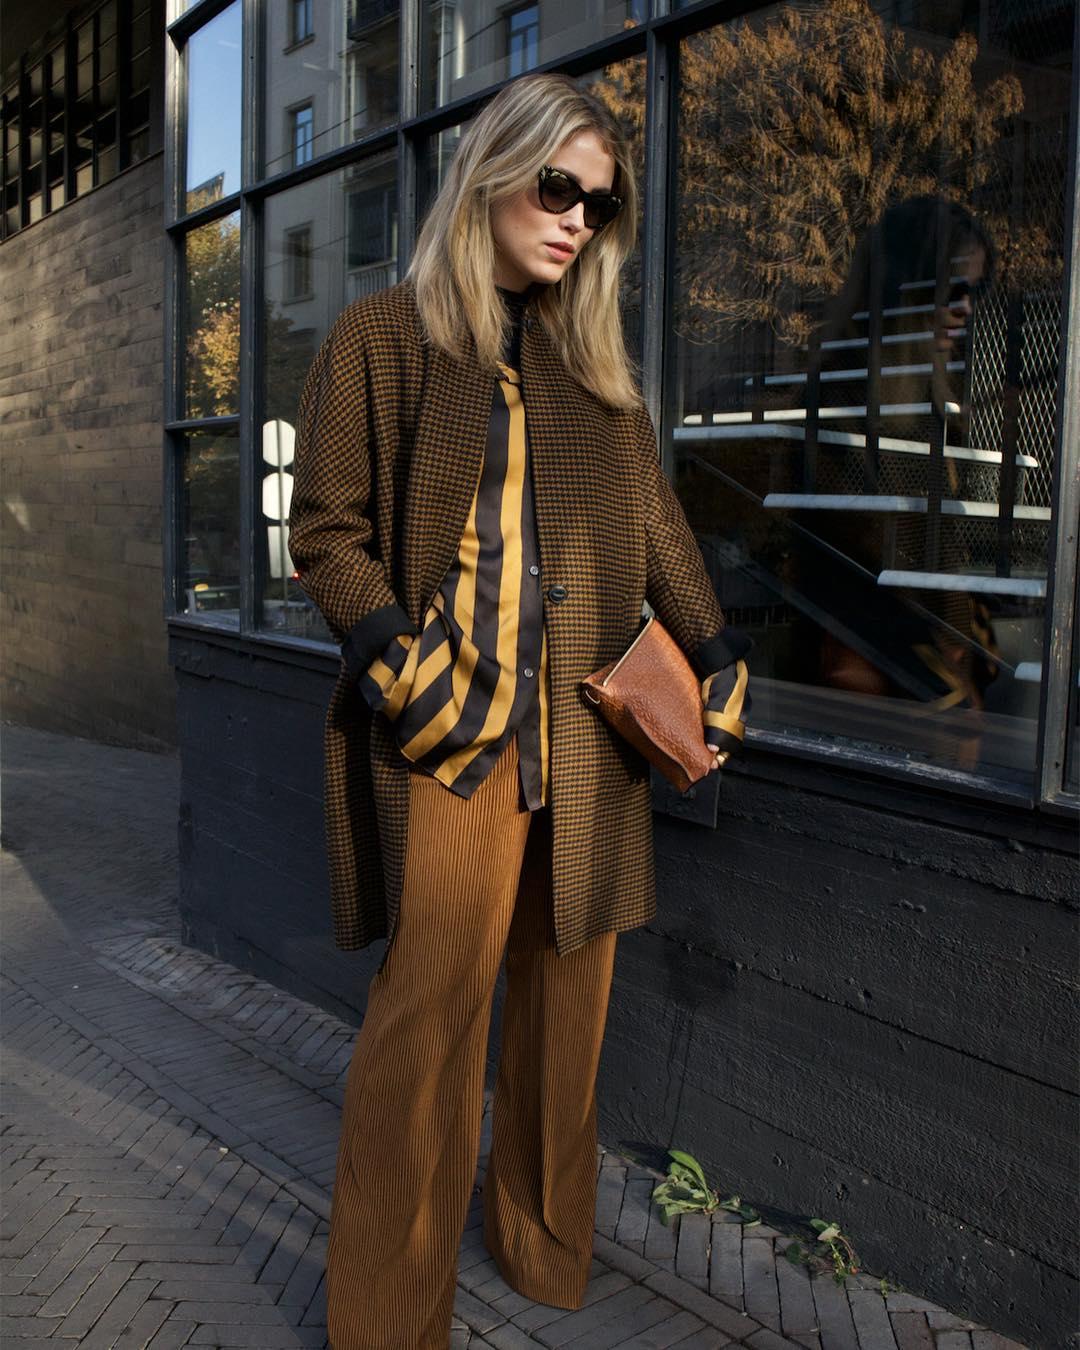 Широкие брюки осенью. вельветовые брюки